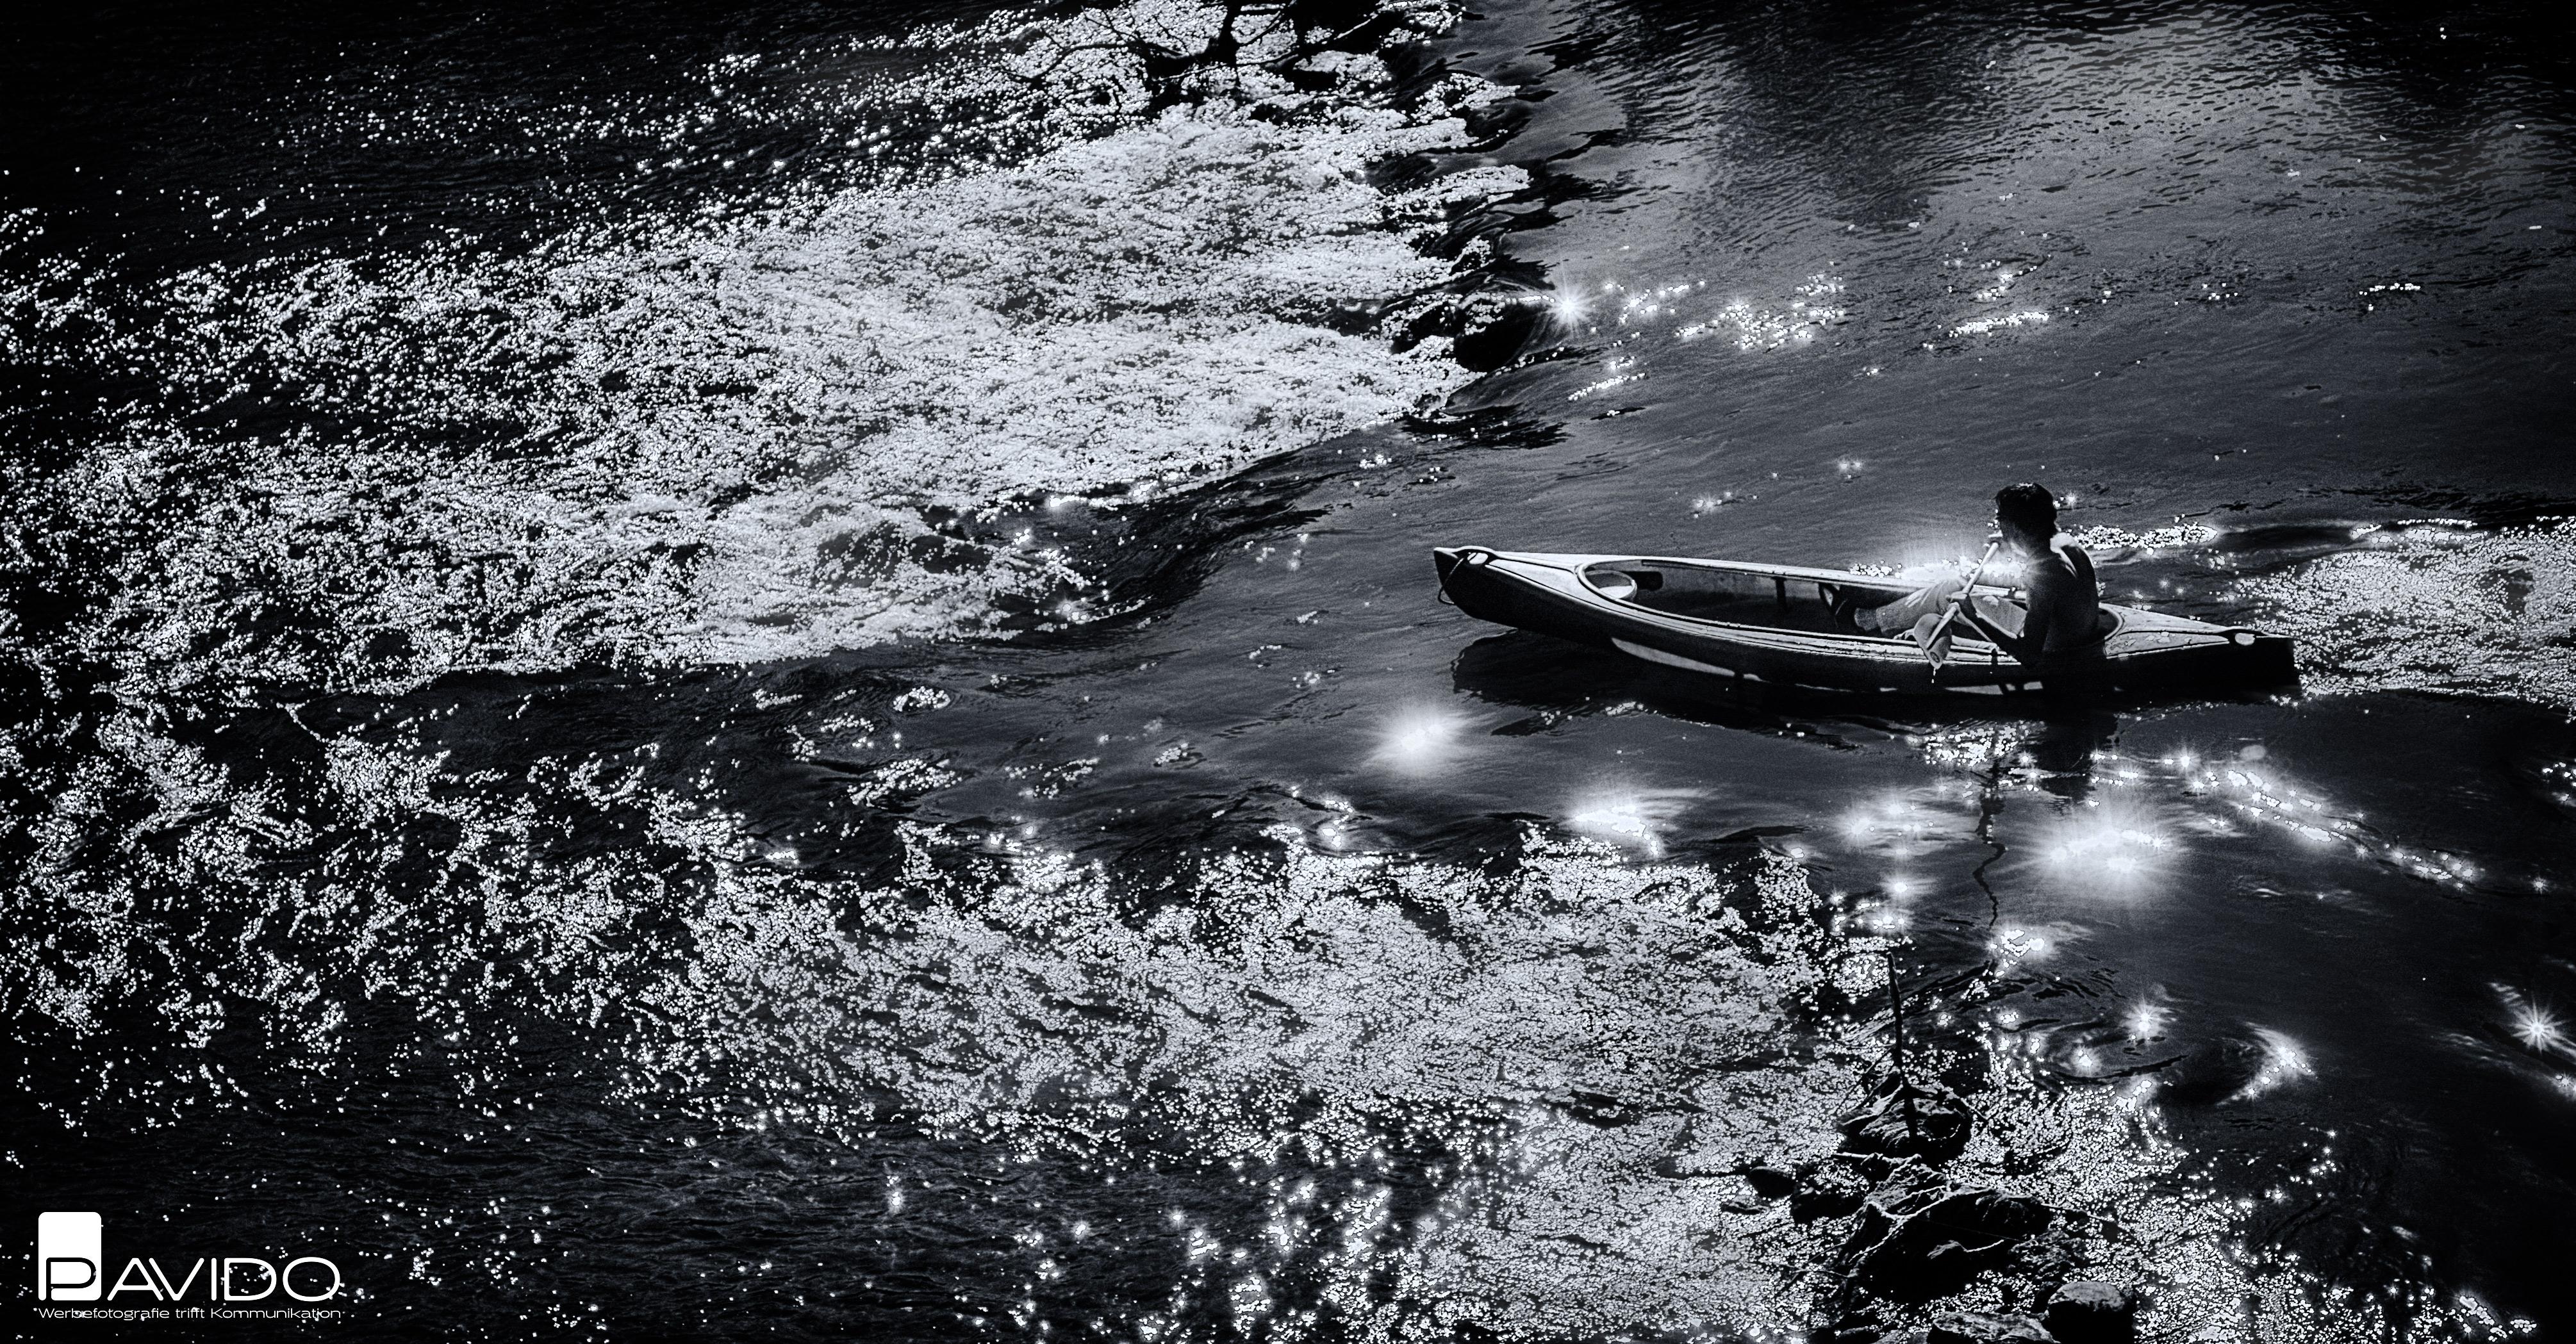 Kanufahrer-Fluss